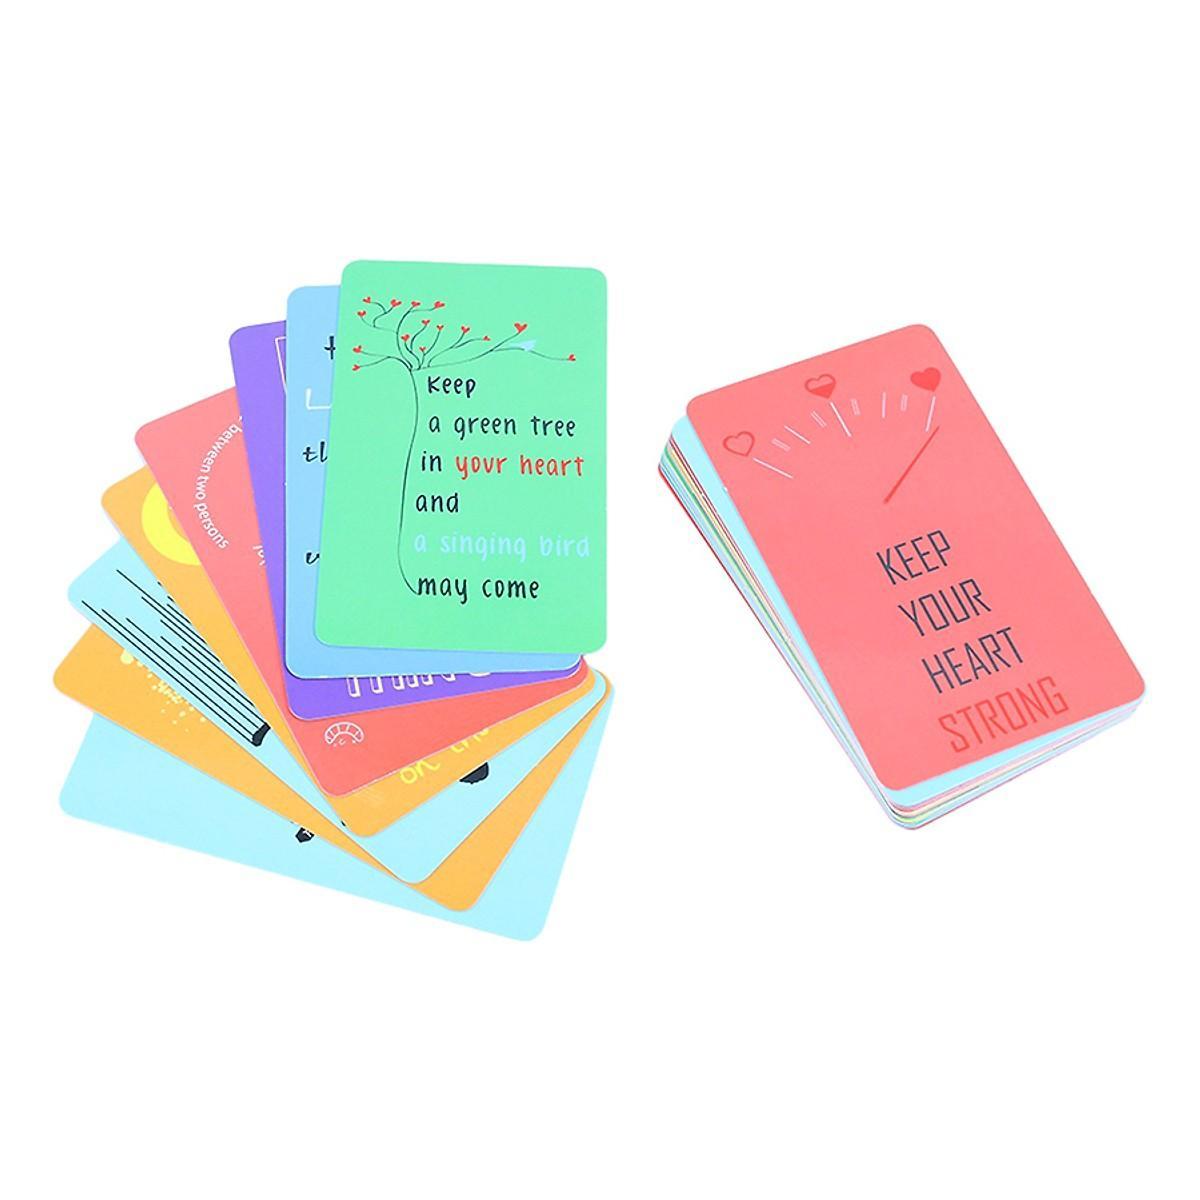 Combo Bí Kíp Sống Khỏe và Chữa Bệnh Không Cần Dùng Thuốc: Minh Triết Trong Ăn Uống Của Phương Đông + Ăn Xanh Để Khỏe (Cẩm Nang Trong Ăn Uống Dành Cho Mọi Lứa Tuổi / Tặng Kèm Bookmark Happy Life)